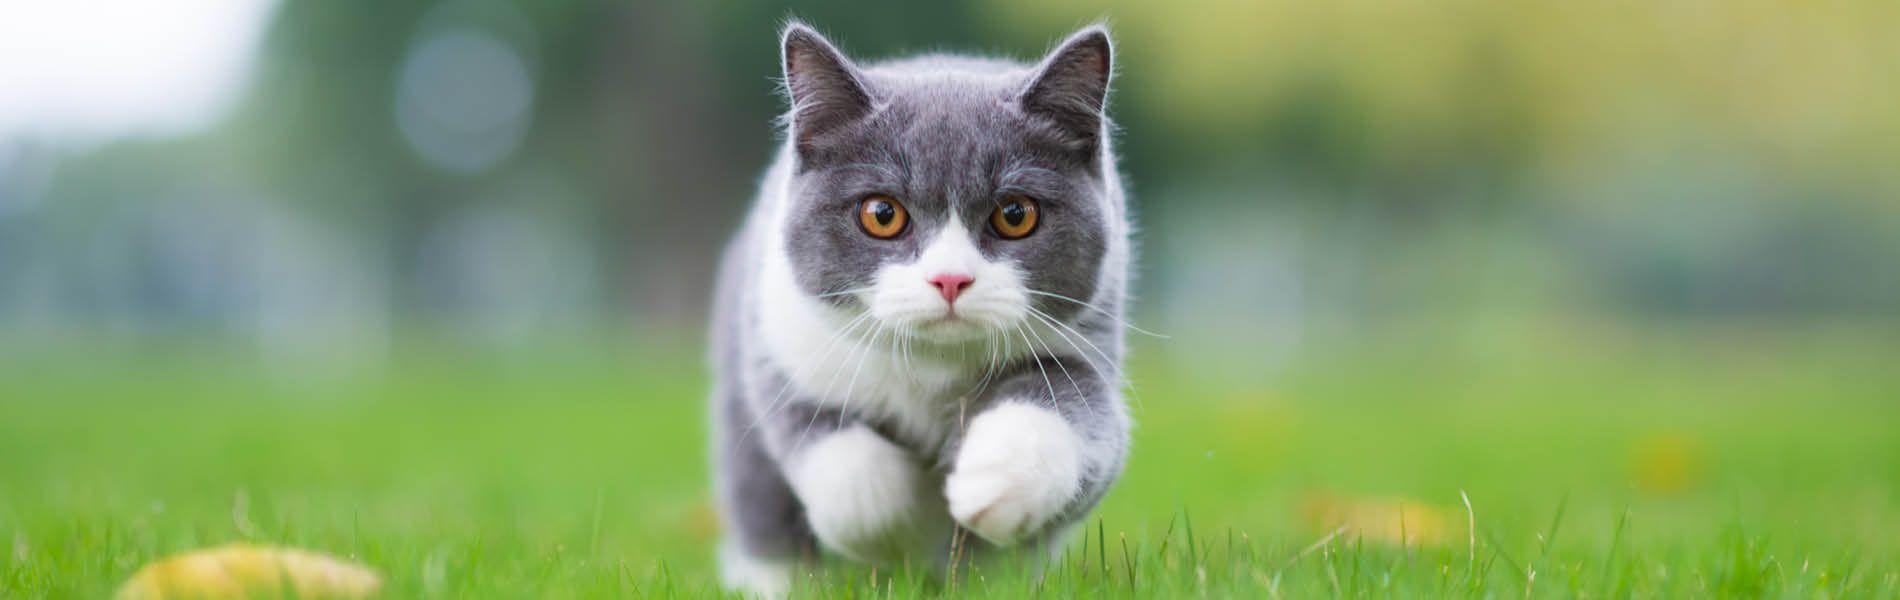 Katzenwelt 3